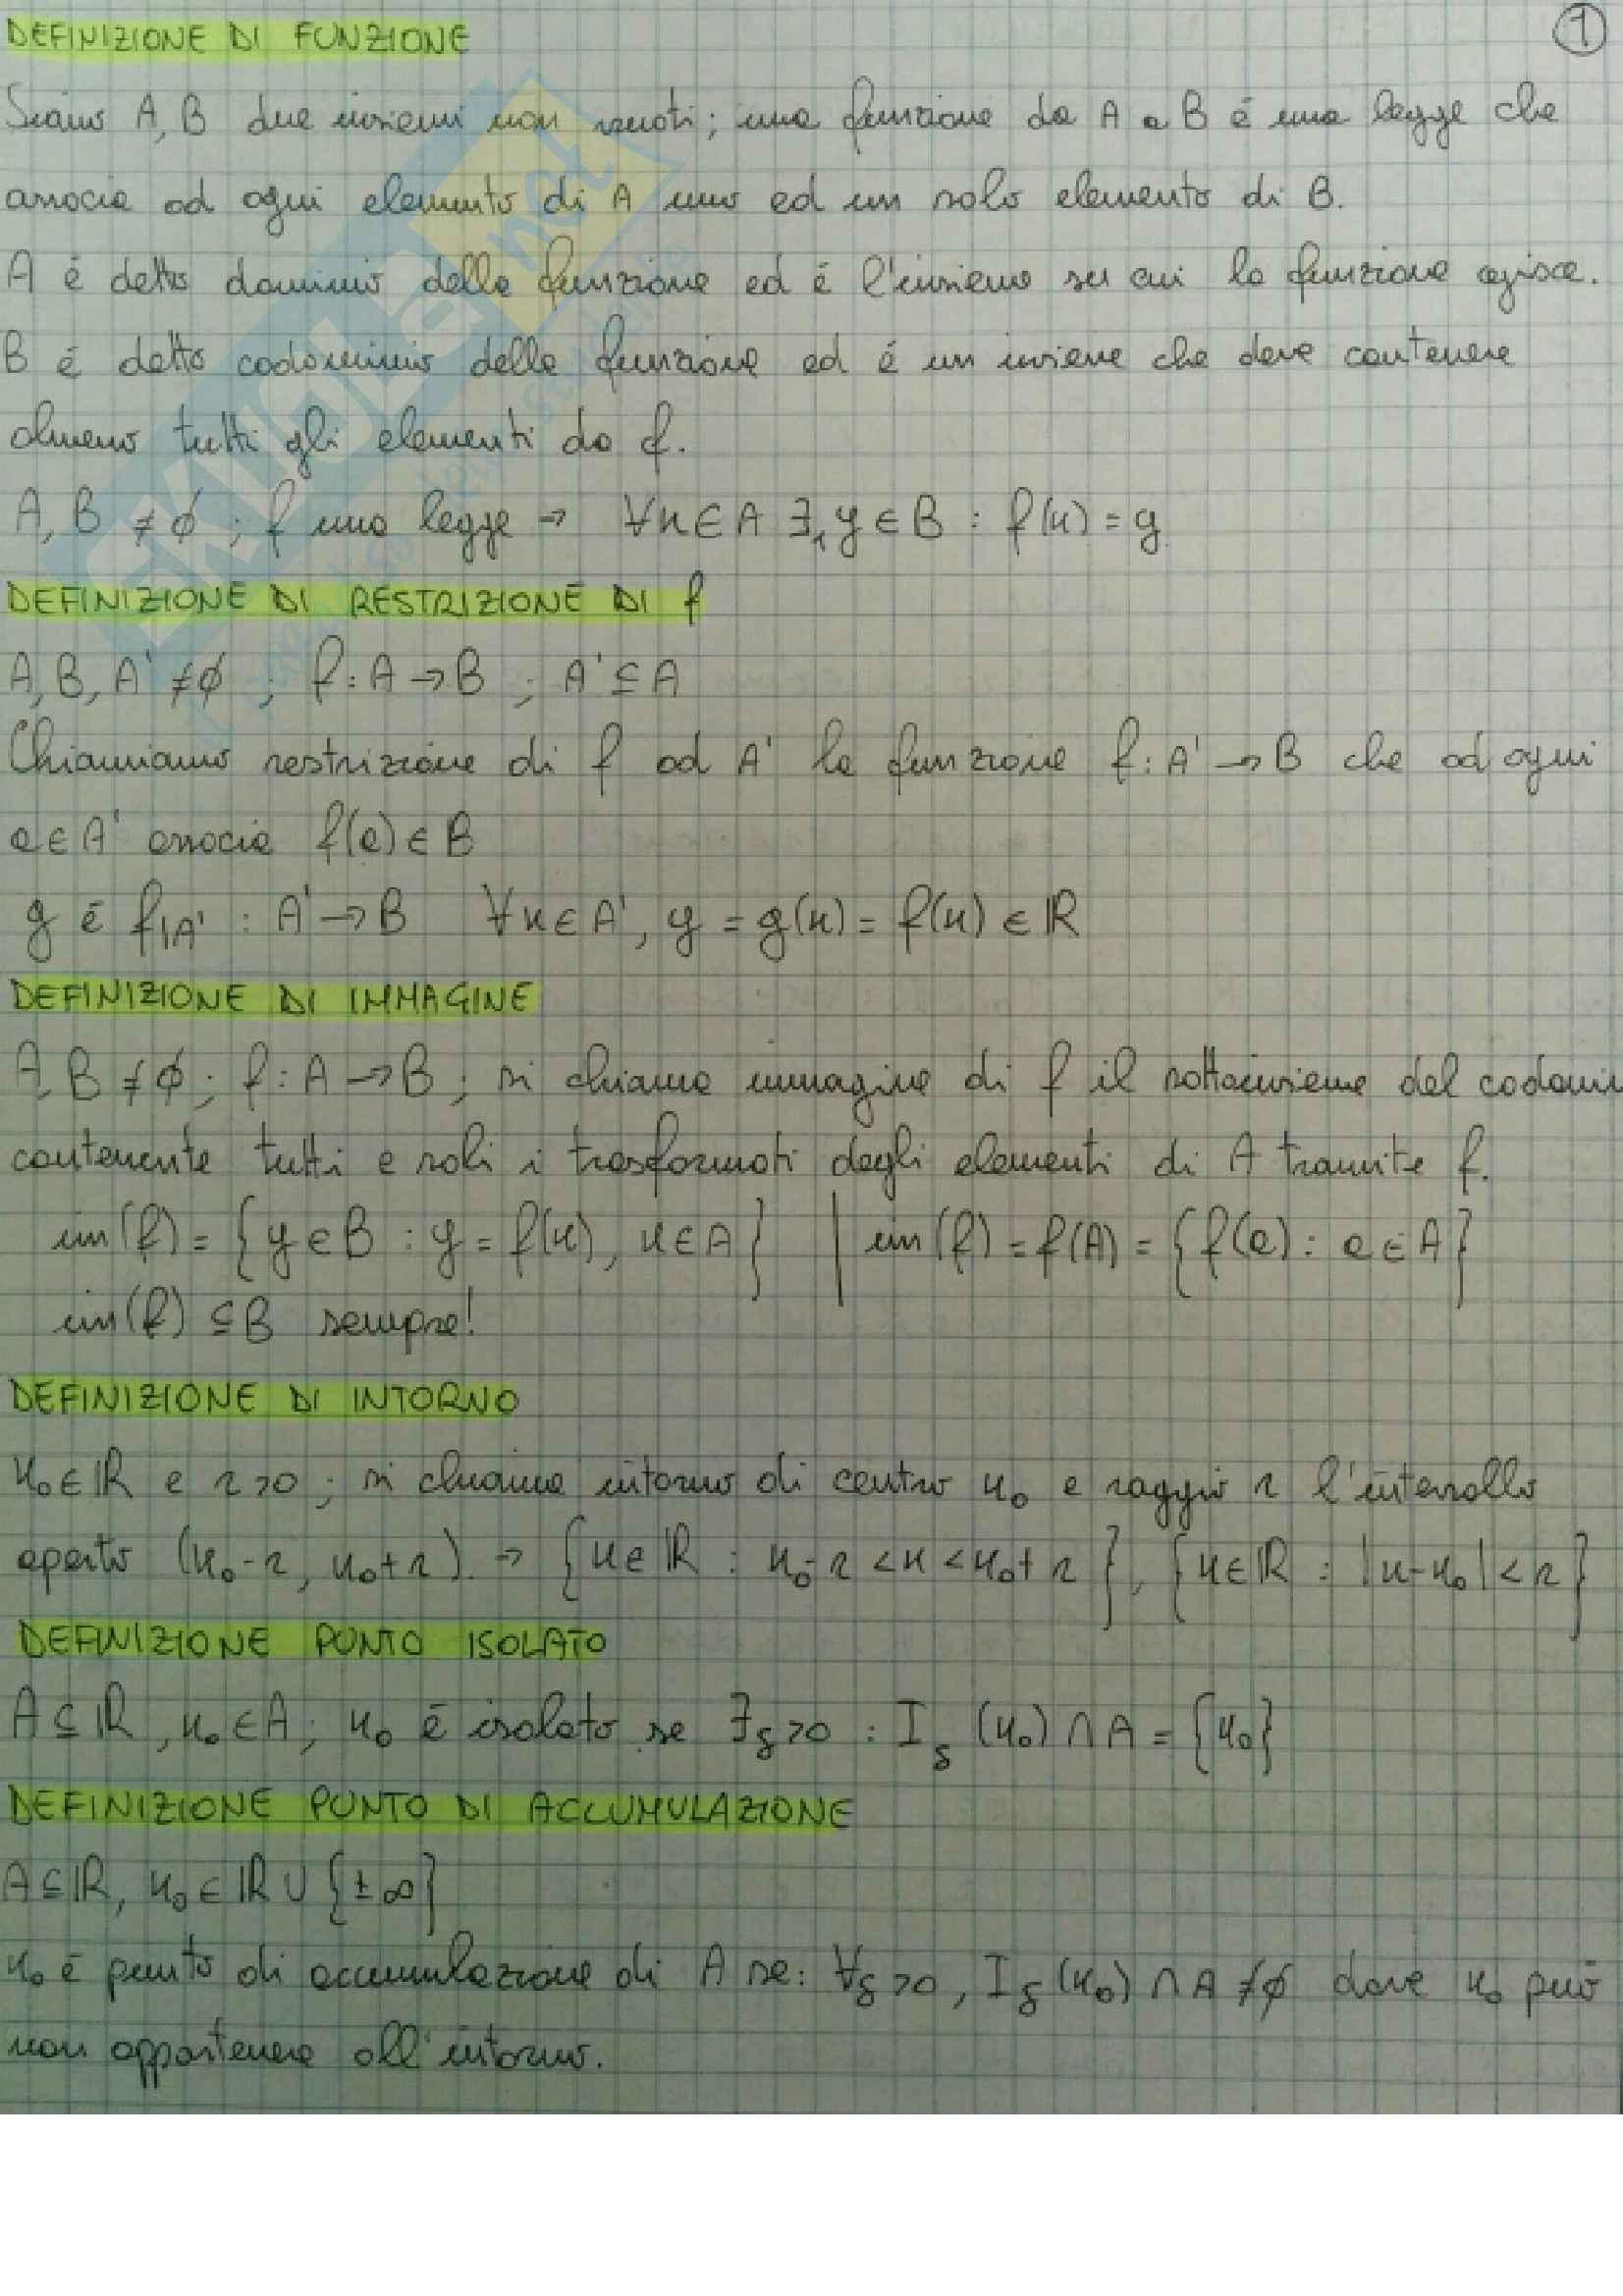 Definizioni e teoremi principali Analisi Matematica 1